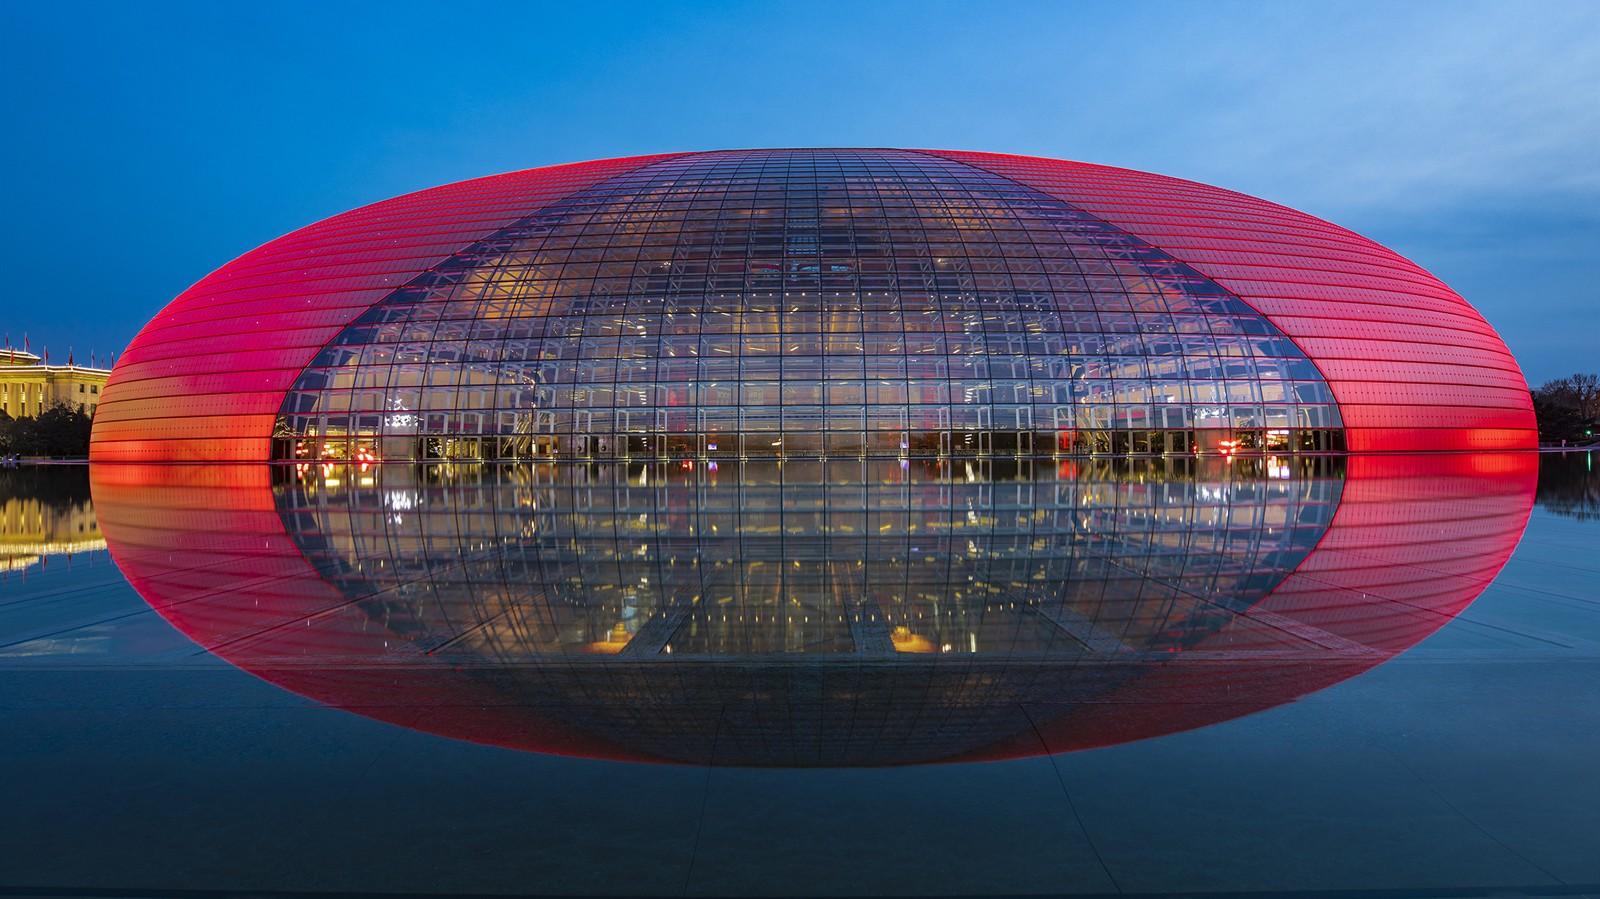 【中国大剧院】    王越  13601098050      2019年2月9日拍摄于北京大剧院_副本.jpg